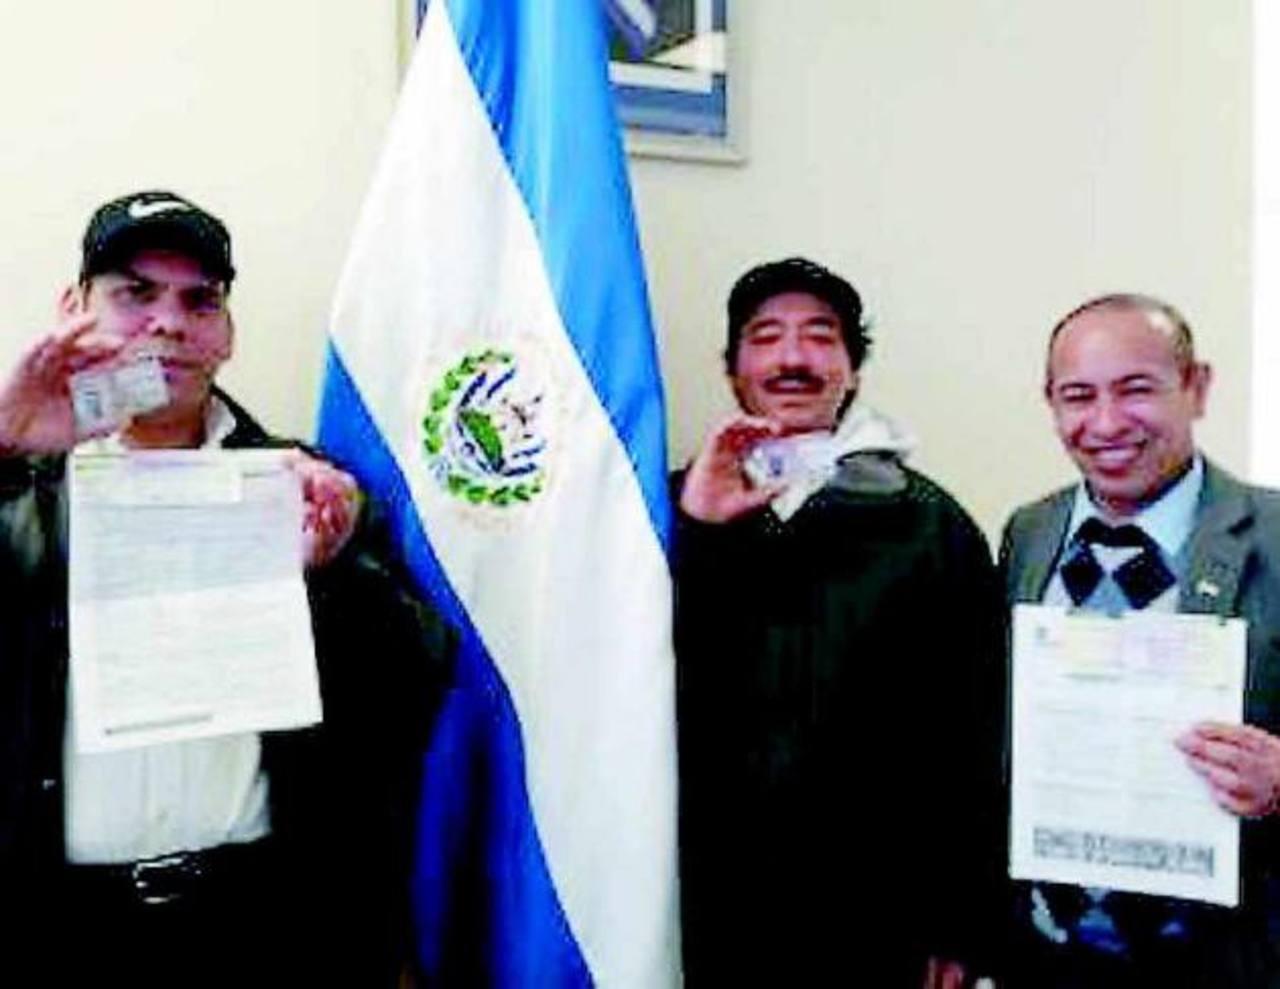 Estos tres compatriotas acudieron al consulado salvadoreño en New Jersey a llenar los formularios de aplicación al TPS.